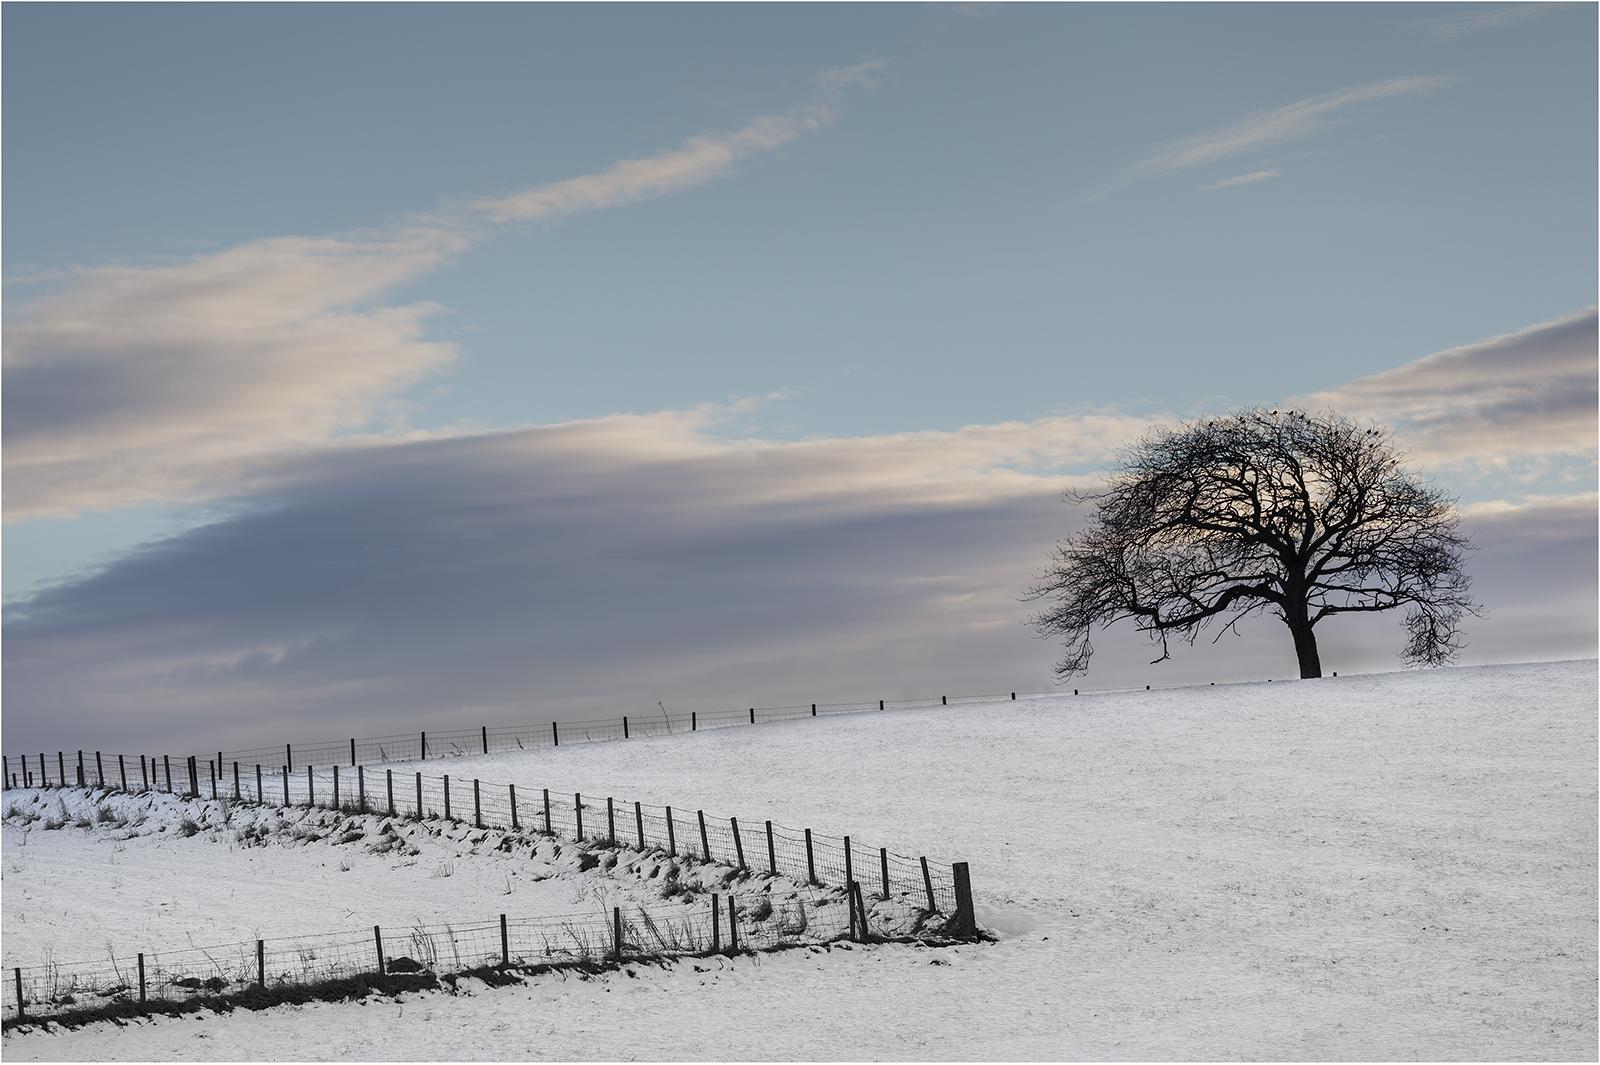 Tree in Winter Field93